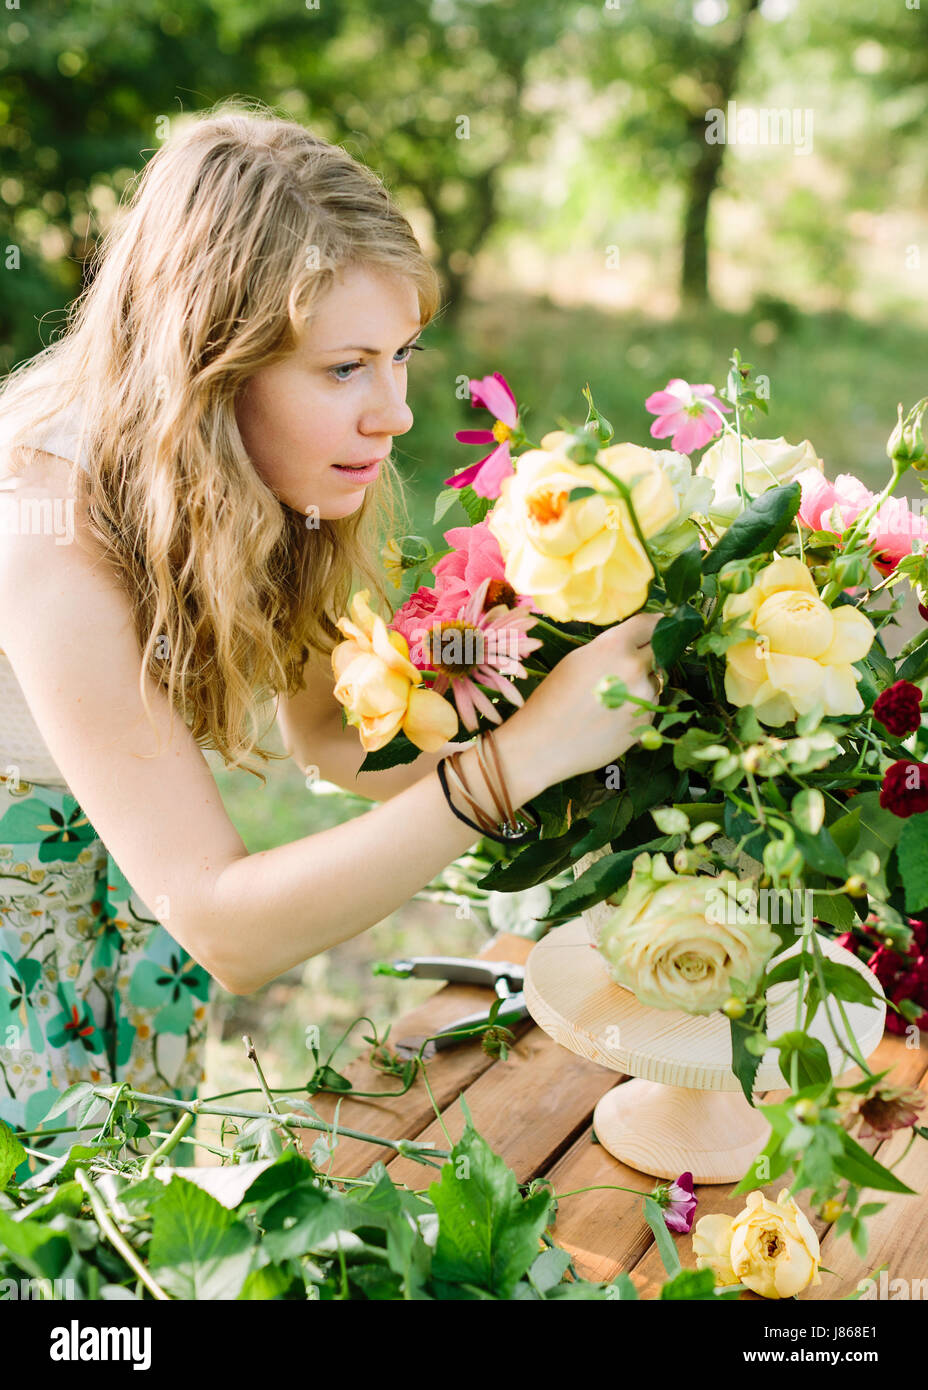 Feier, Hochzeit, Flora, Schönheit der Natur Konzept - blond blauäugig junge Frau Blume Zusammensetzung Stockbild